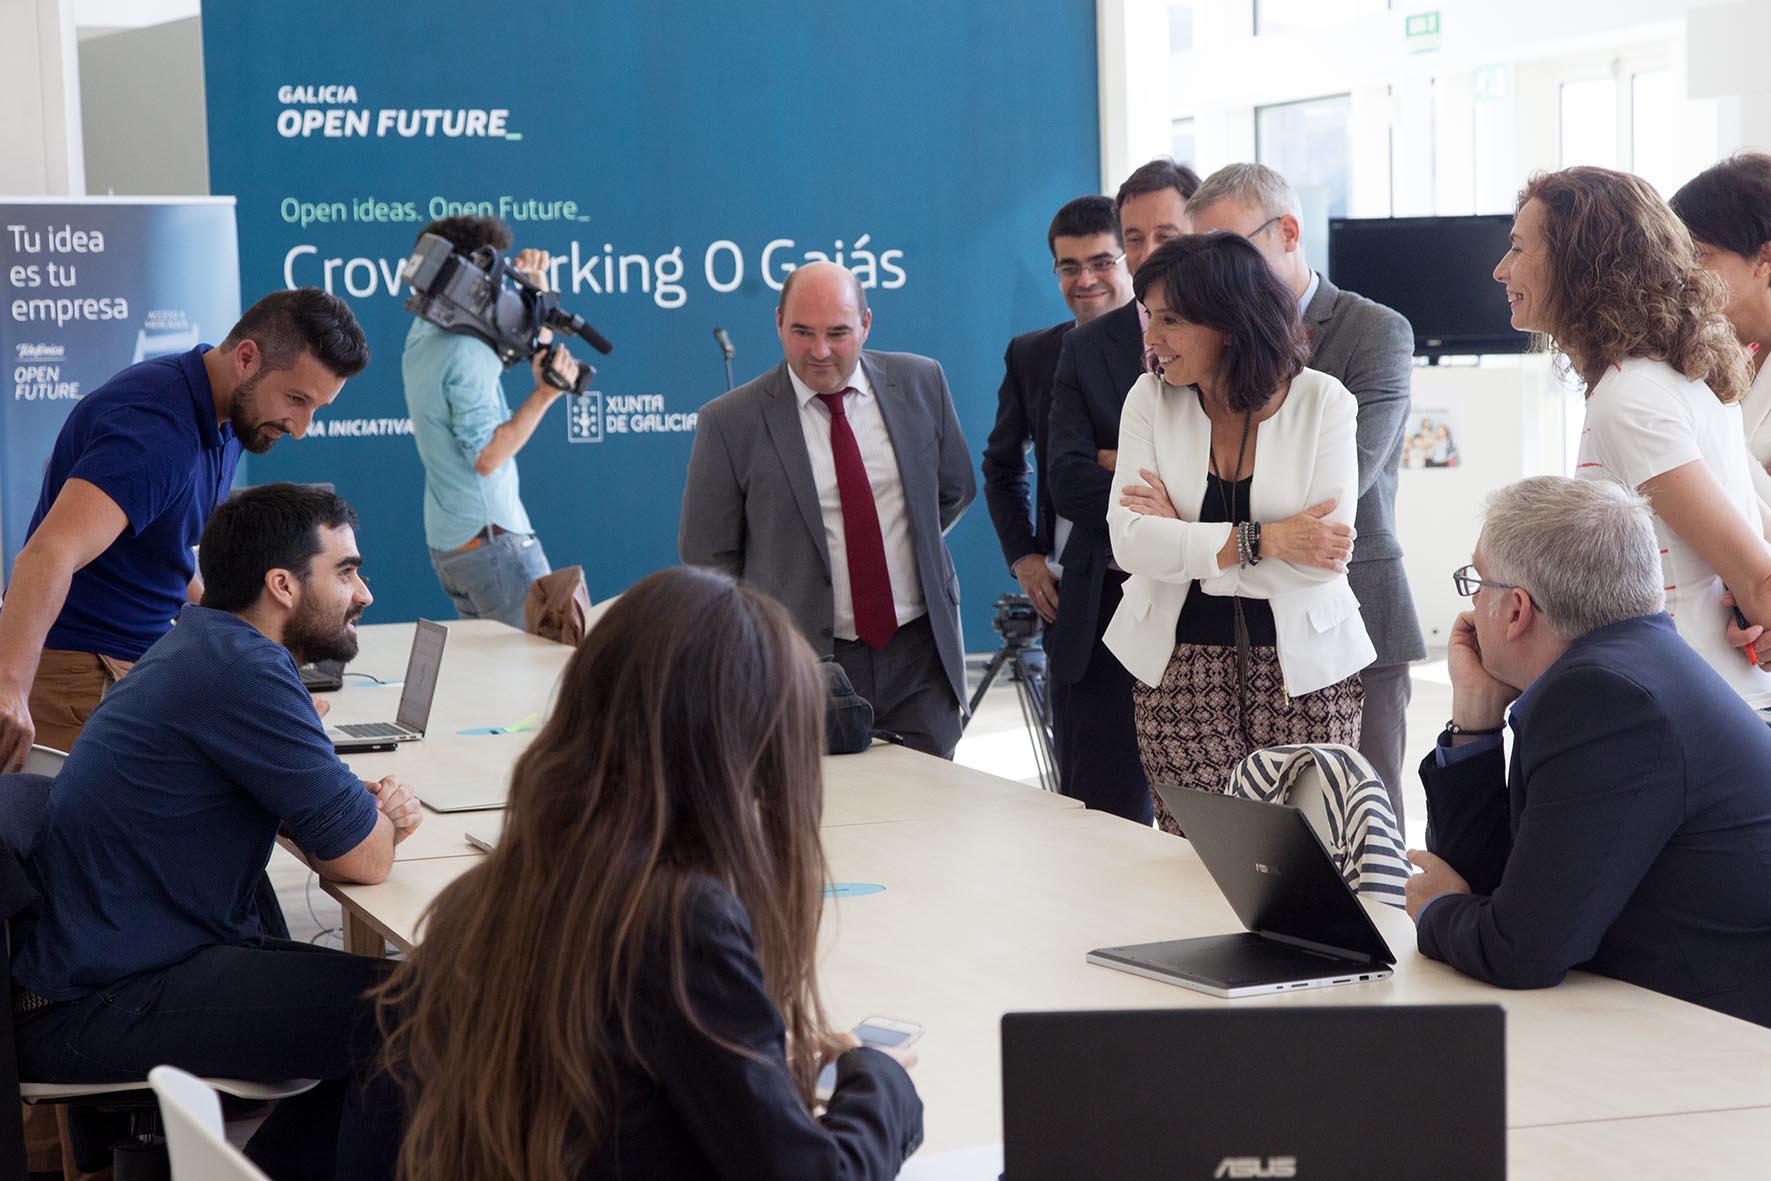 O Galicia Open Future xa coñece os 50 proxectos participantes na súa terceira edición.